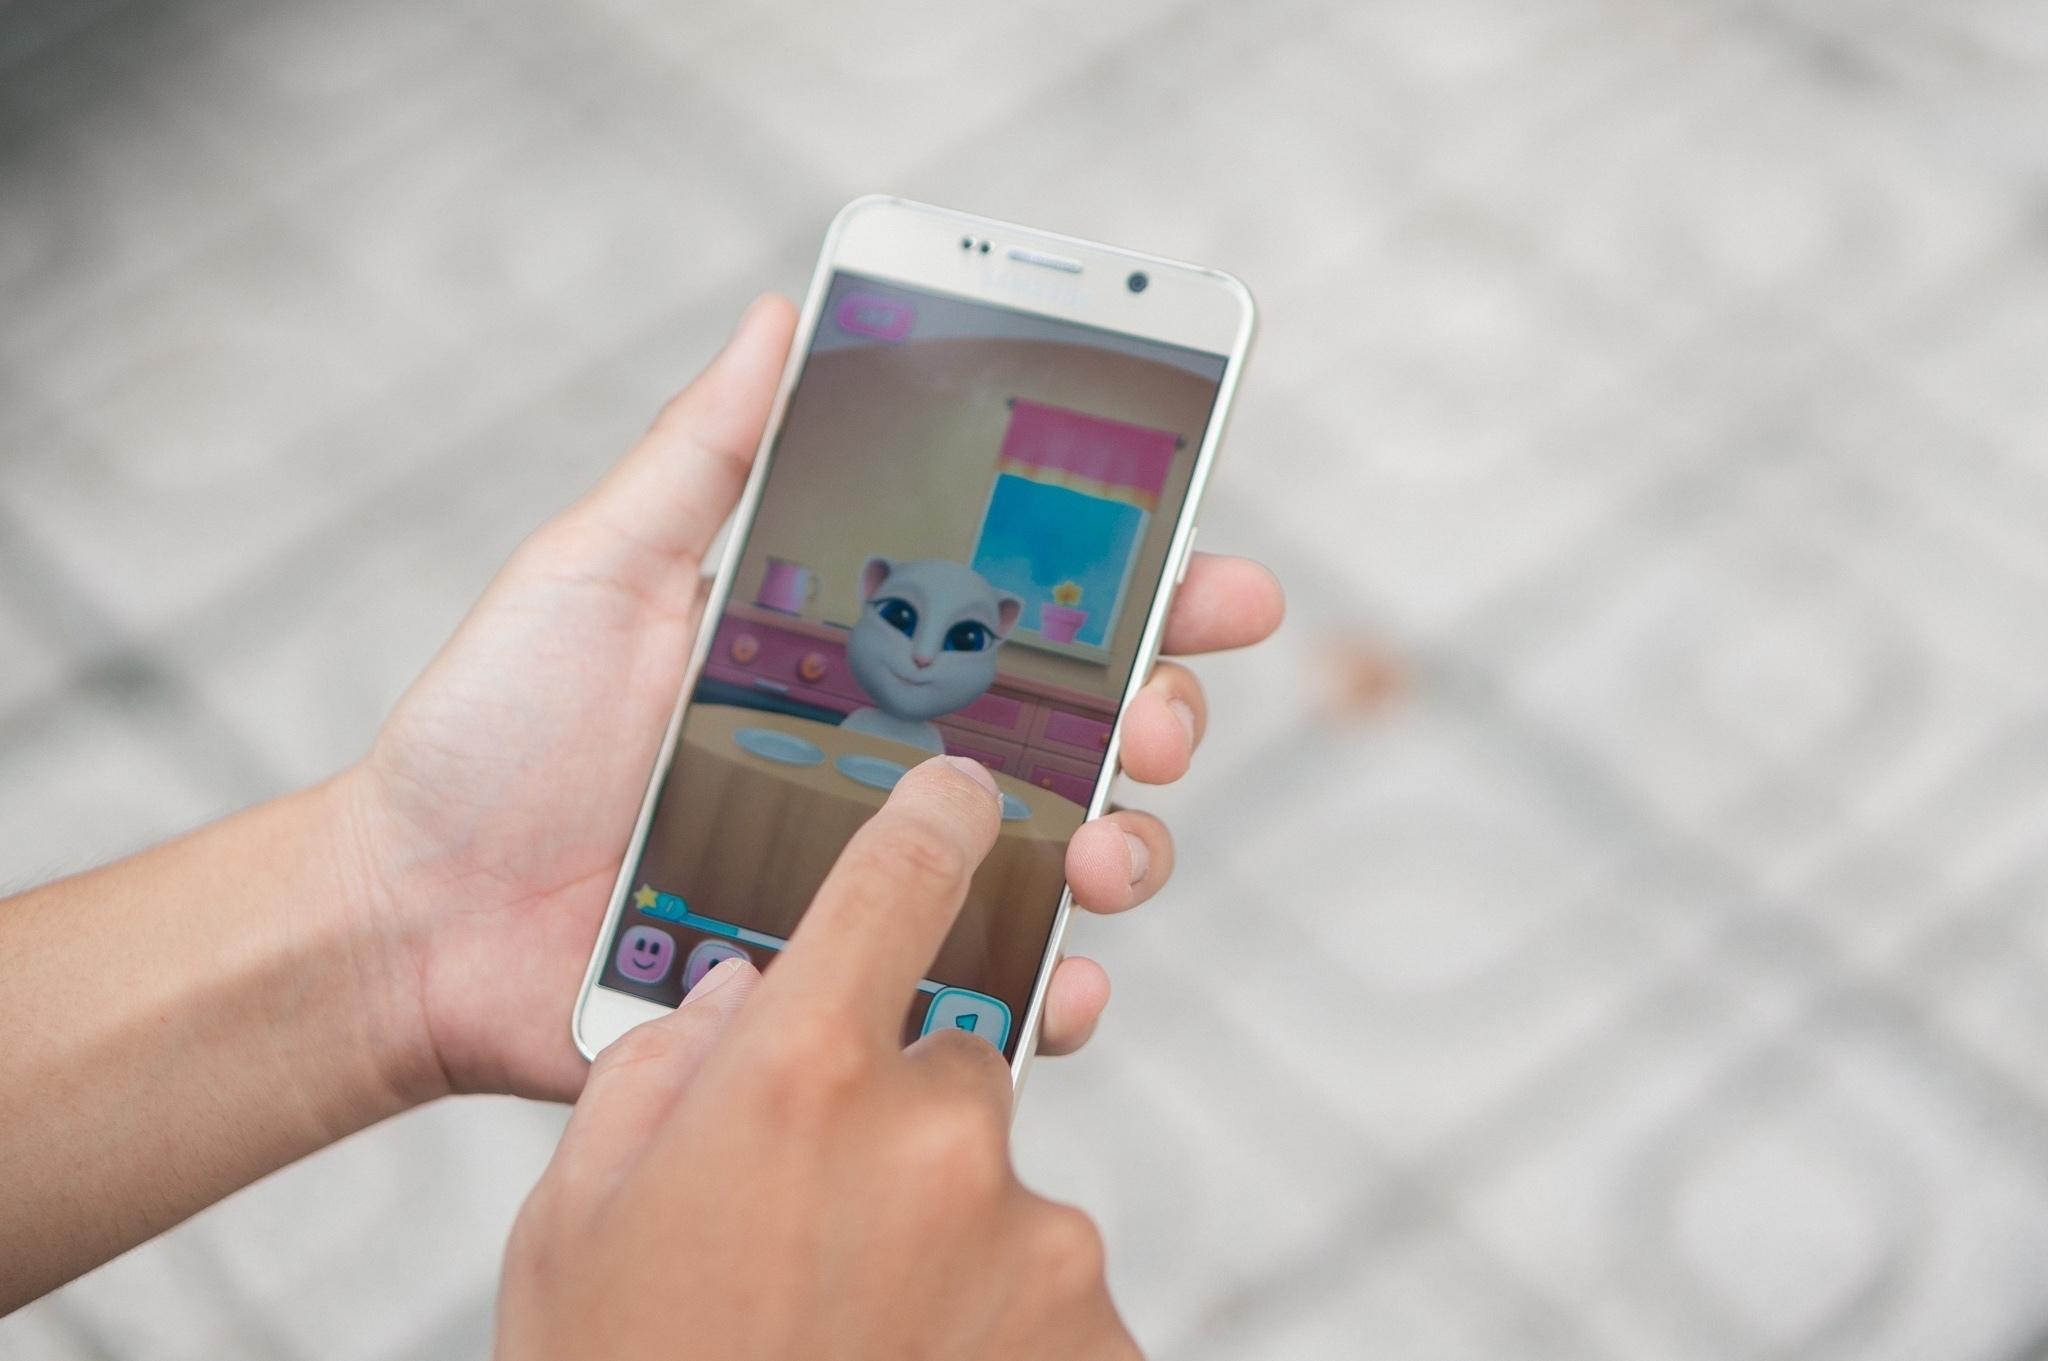 Galaxy Note 5 cấu hình mạnh mẽ